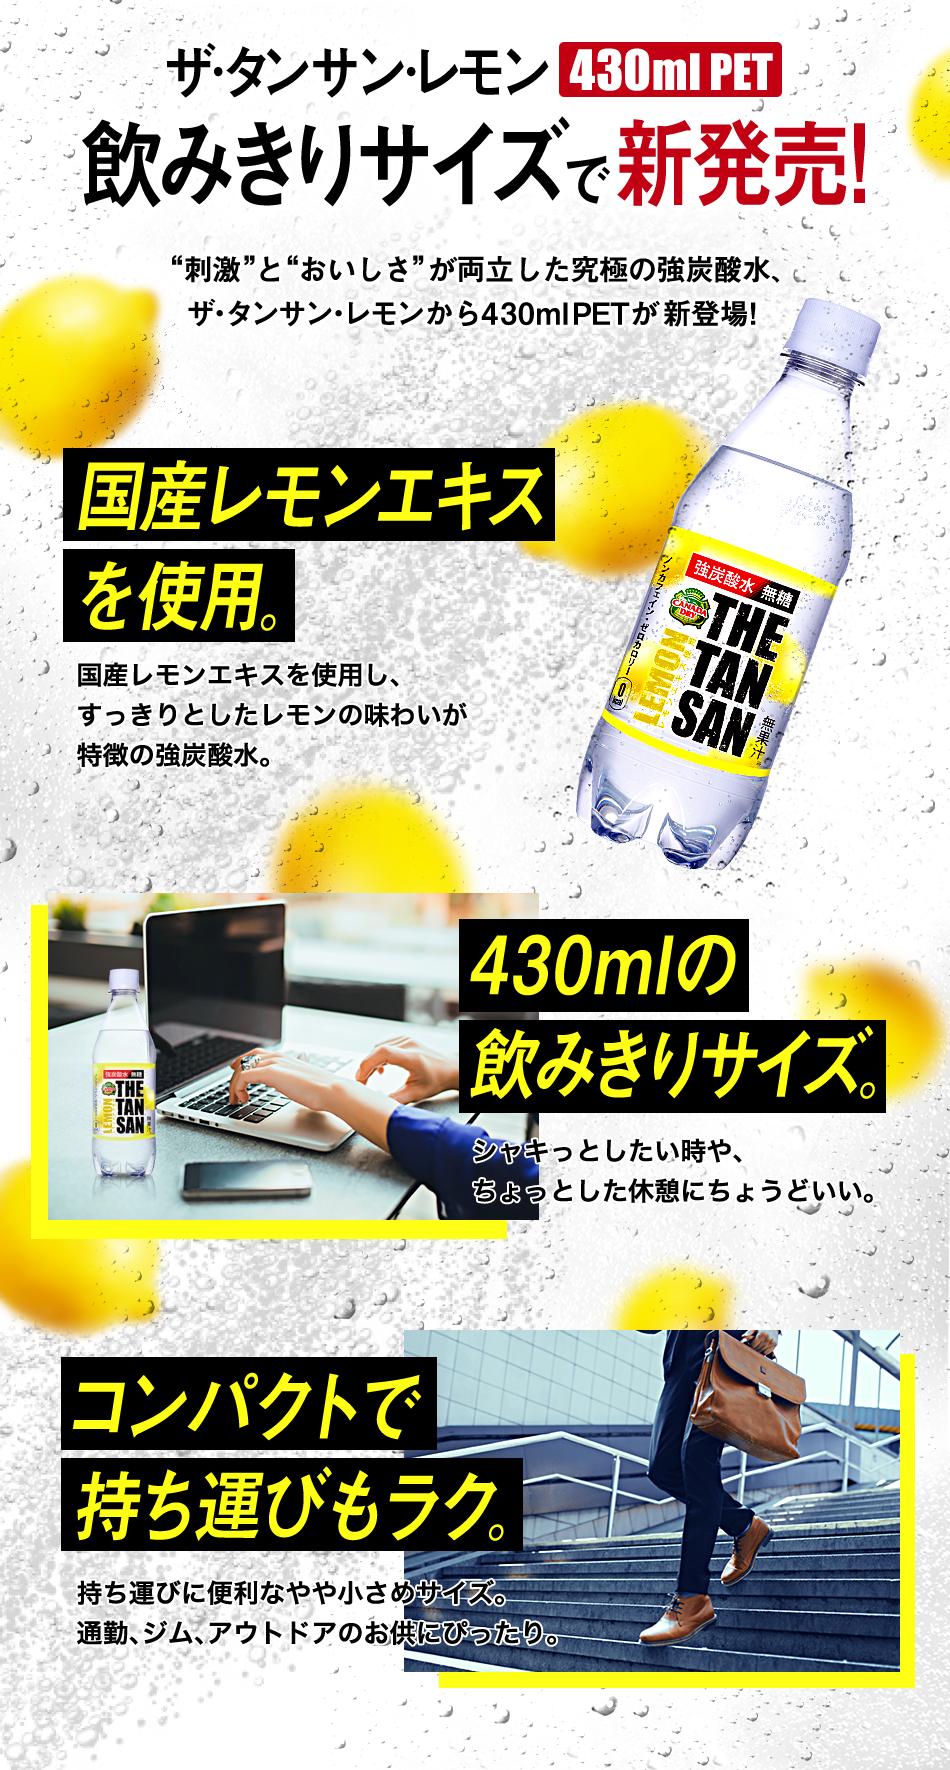 ザ・タンサン・レモン 430mlPET 飲みきりサイズで新発売!